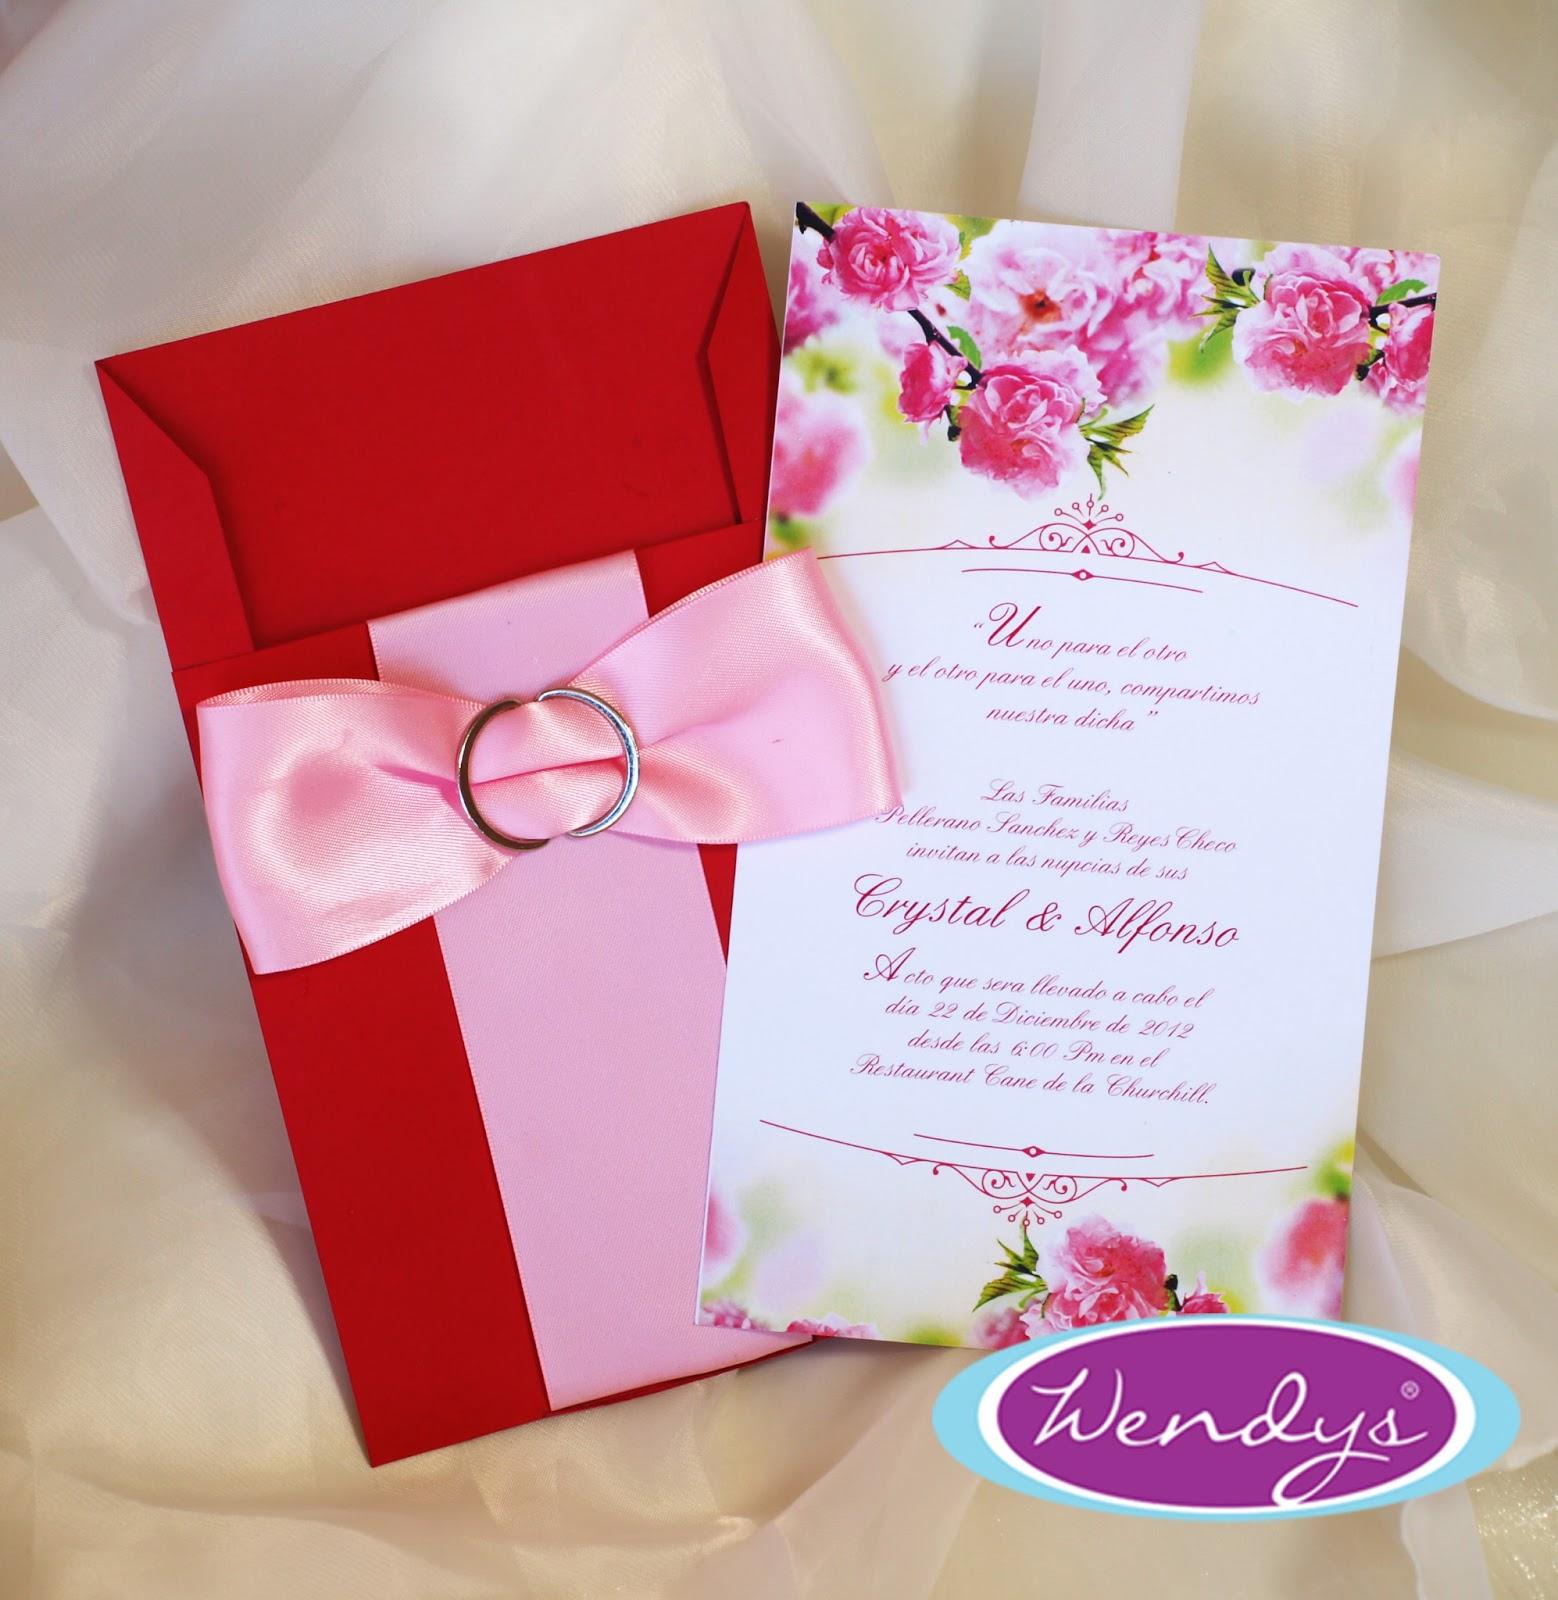 La tarjeteria, de Wendys, invitaciones de boda y más...: julio 2013